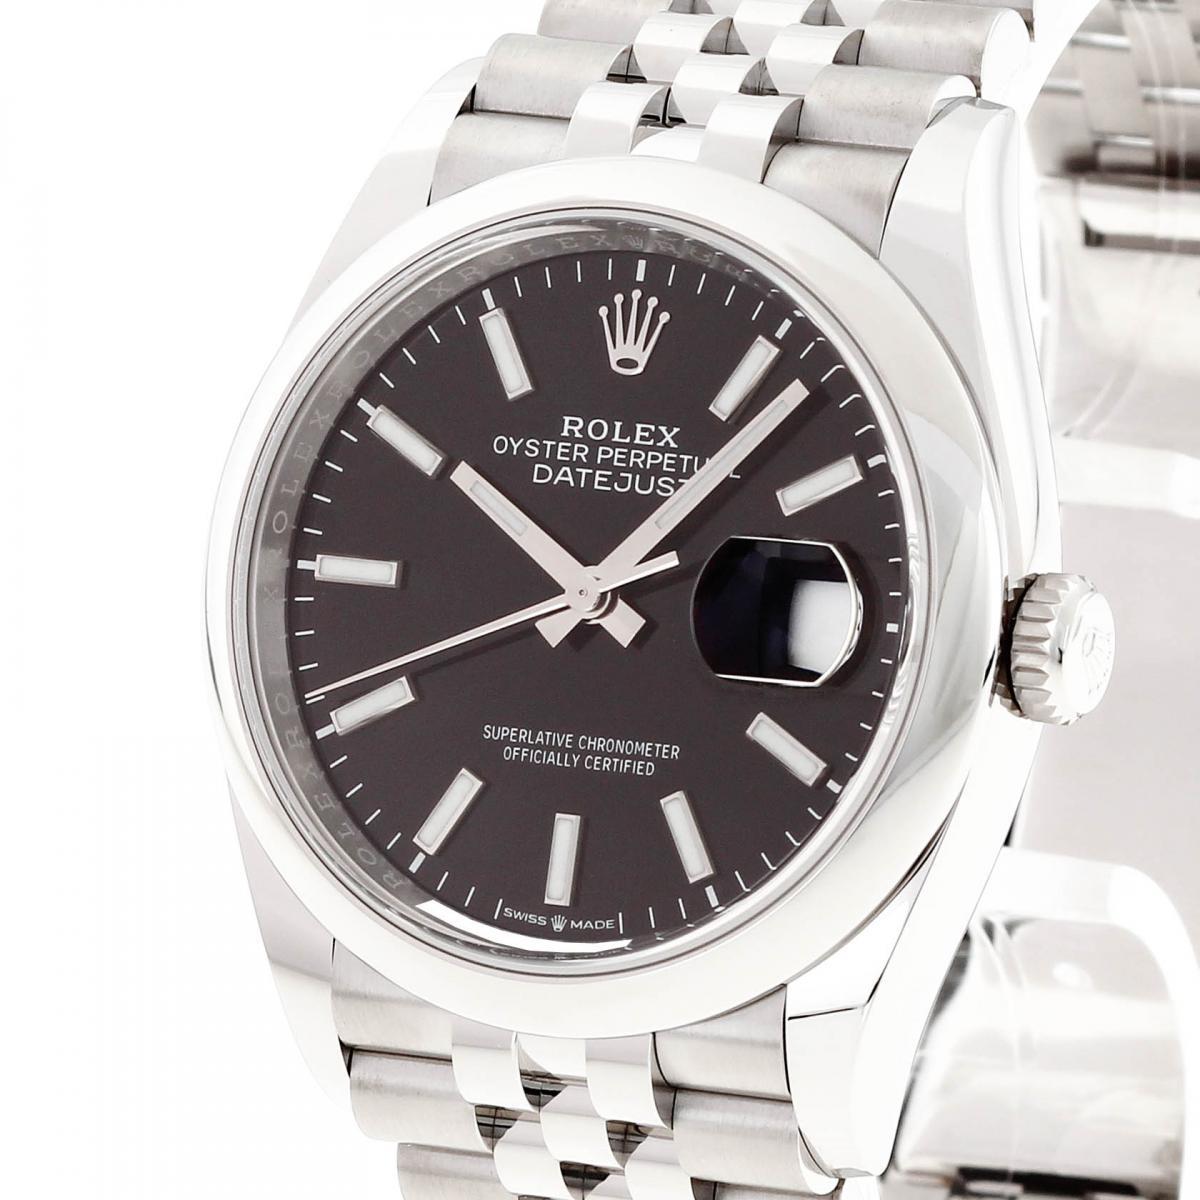 Rolex Datejust 36mm Ref. 126200